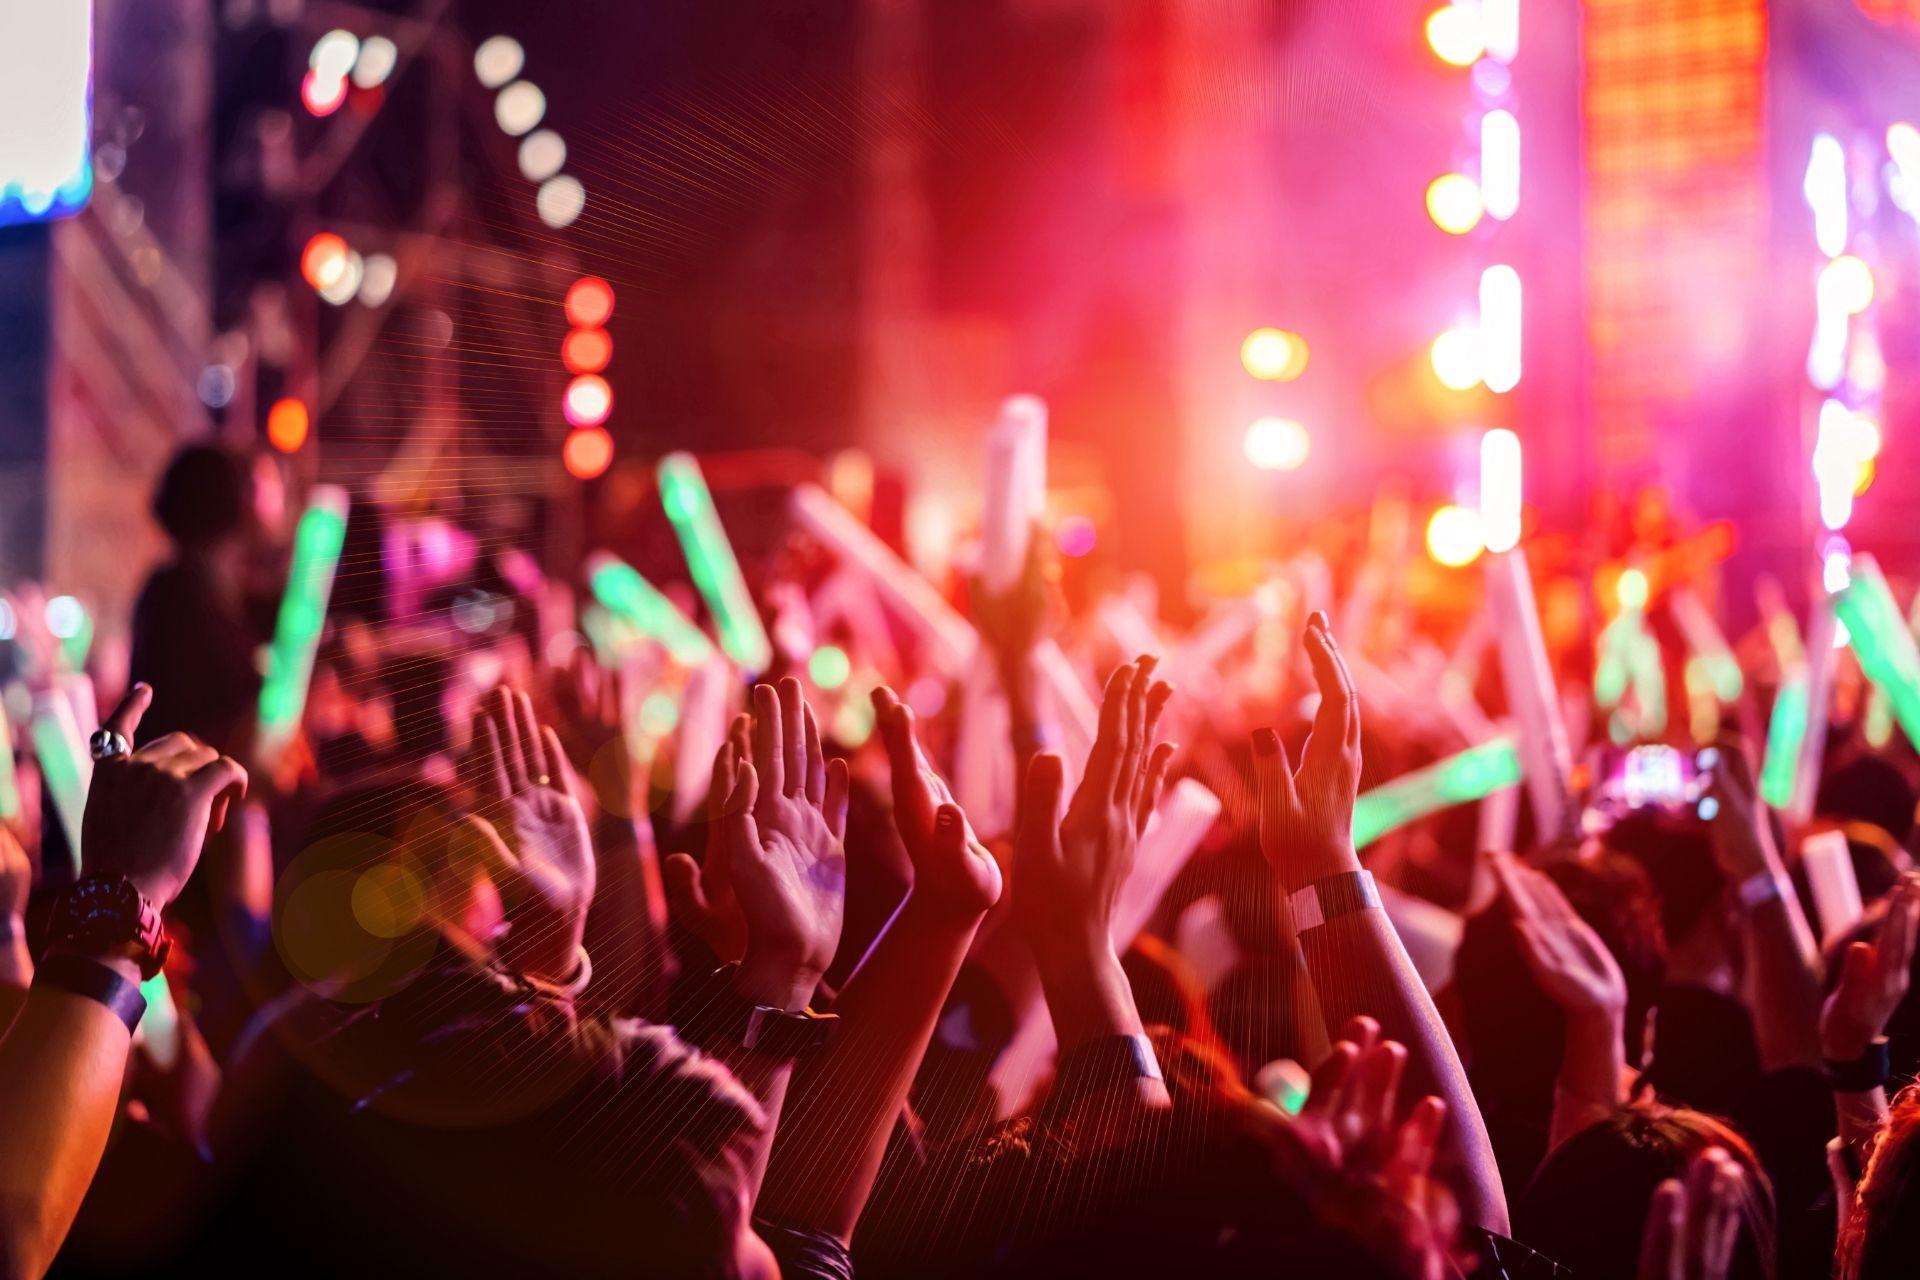 A crowd at a concert holding light sticks